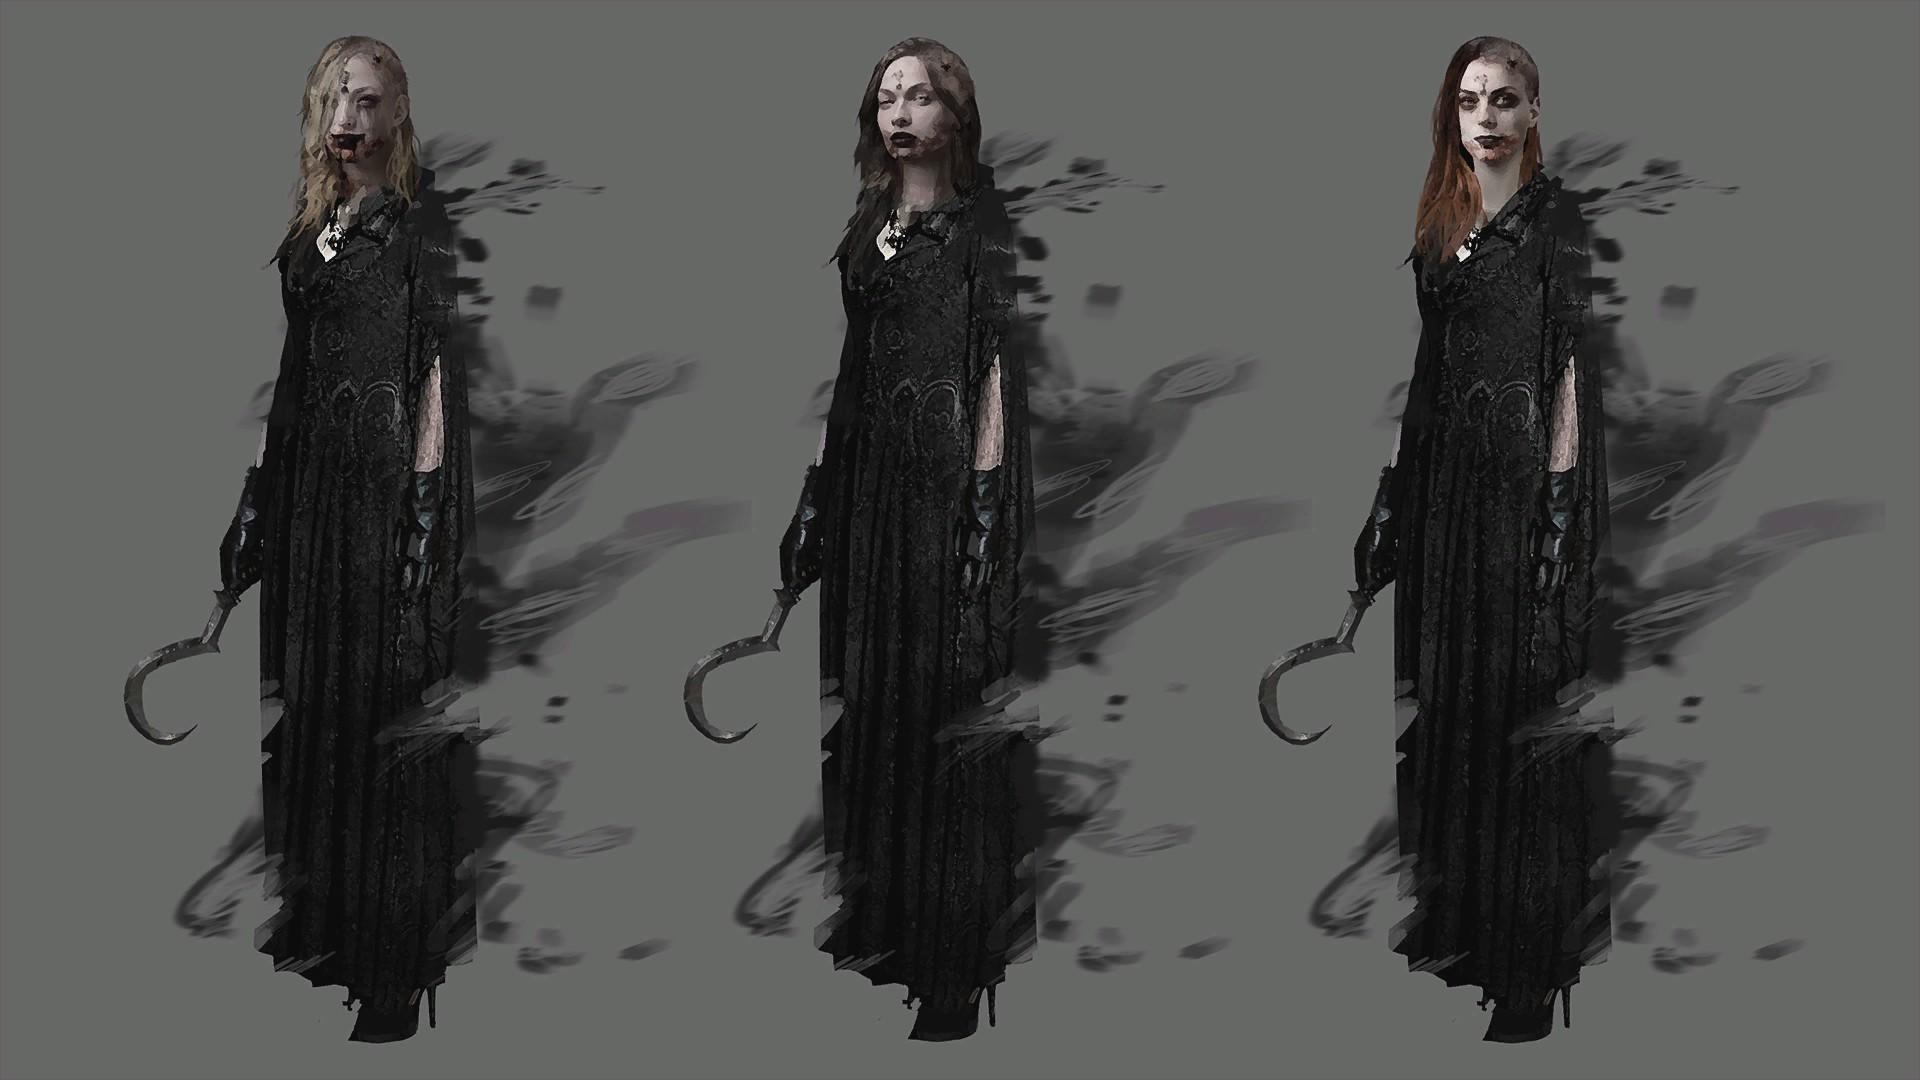 Мифология Resident Evil Village: Как Леди Димитреску связана с Японией